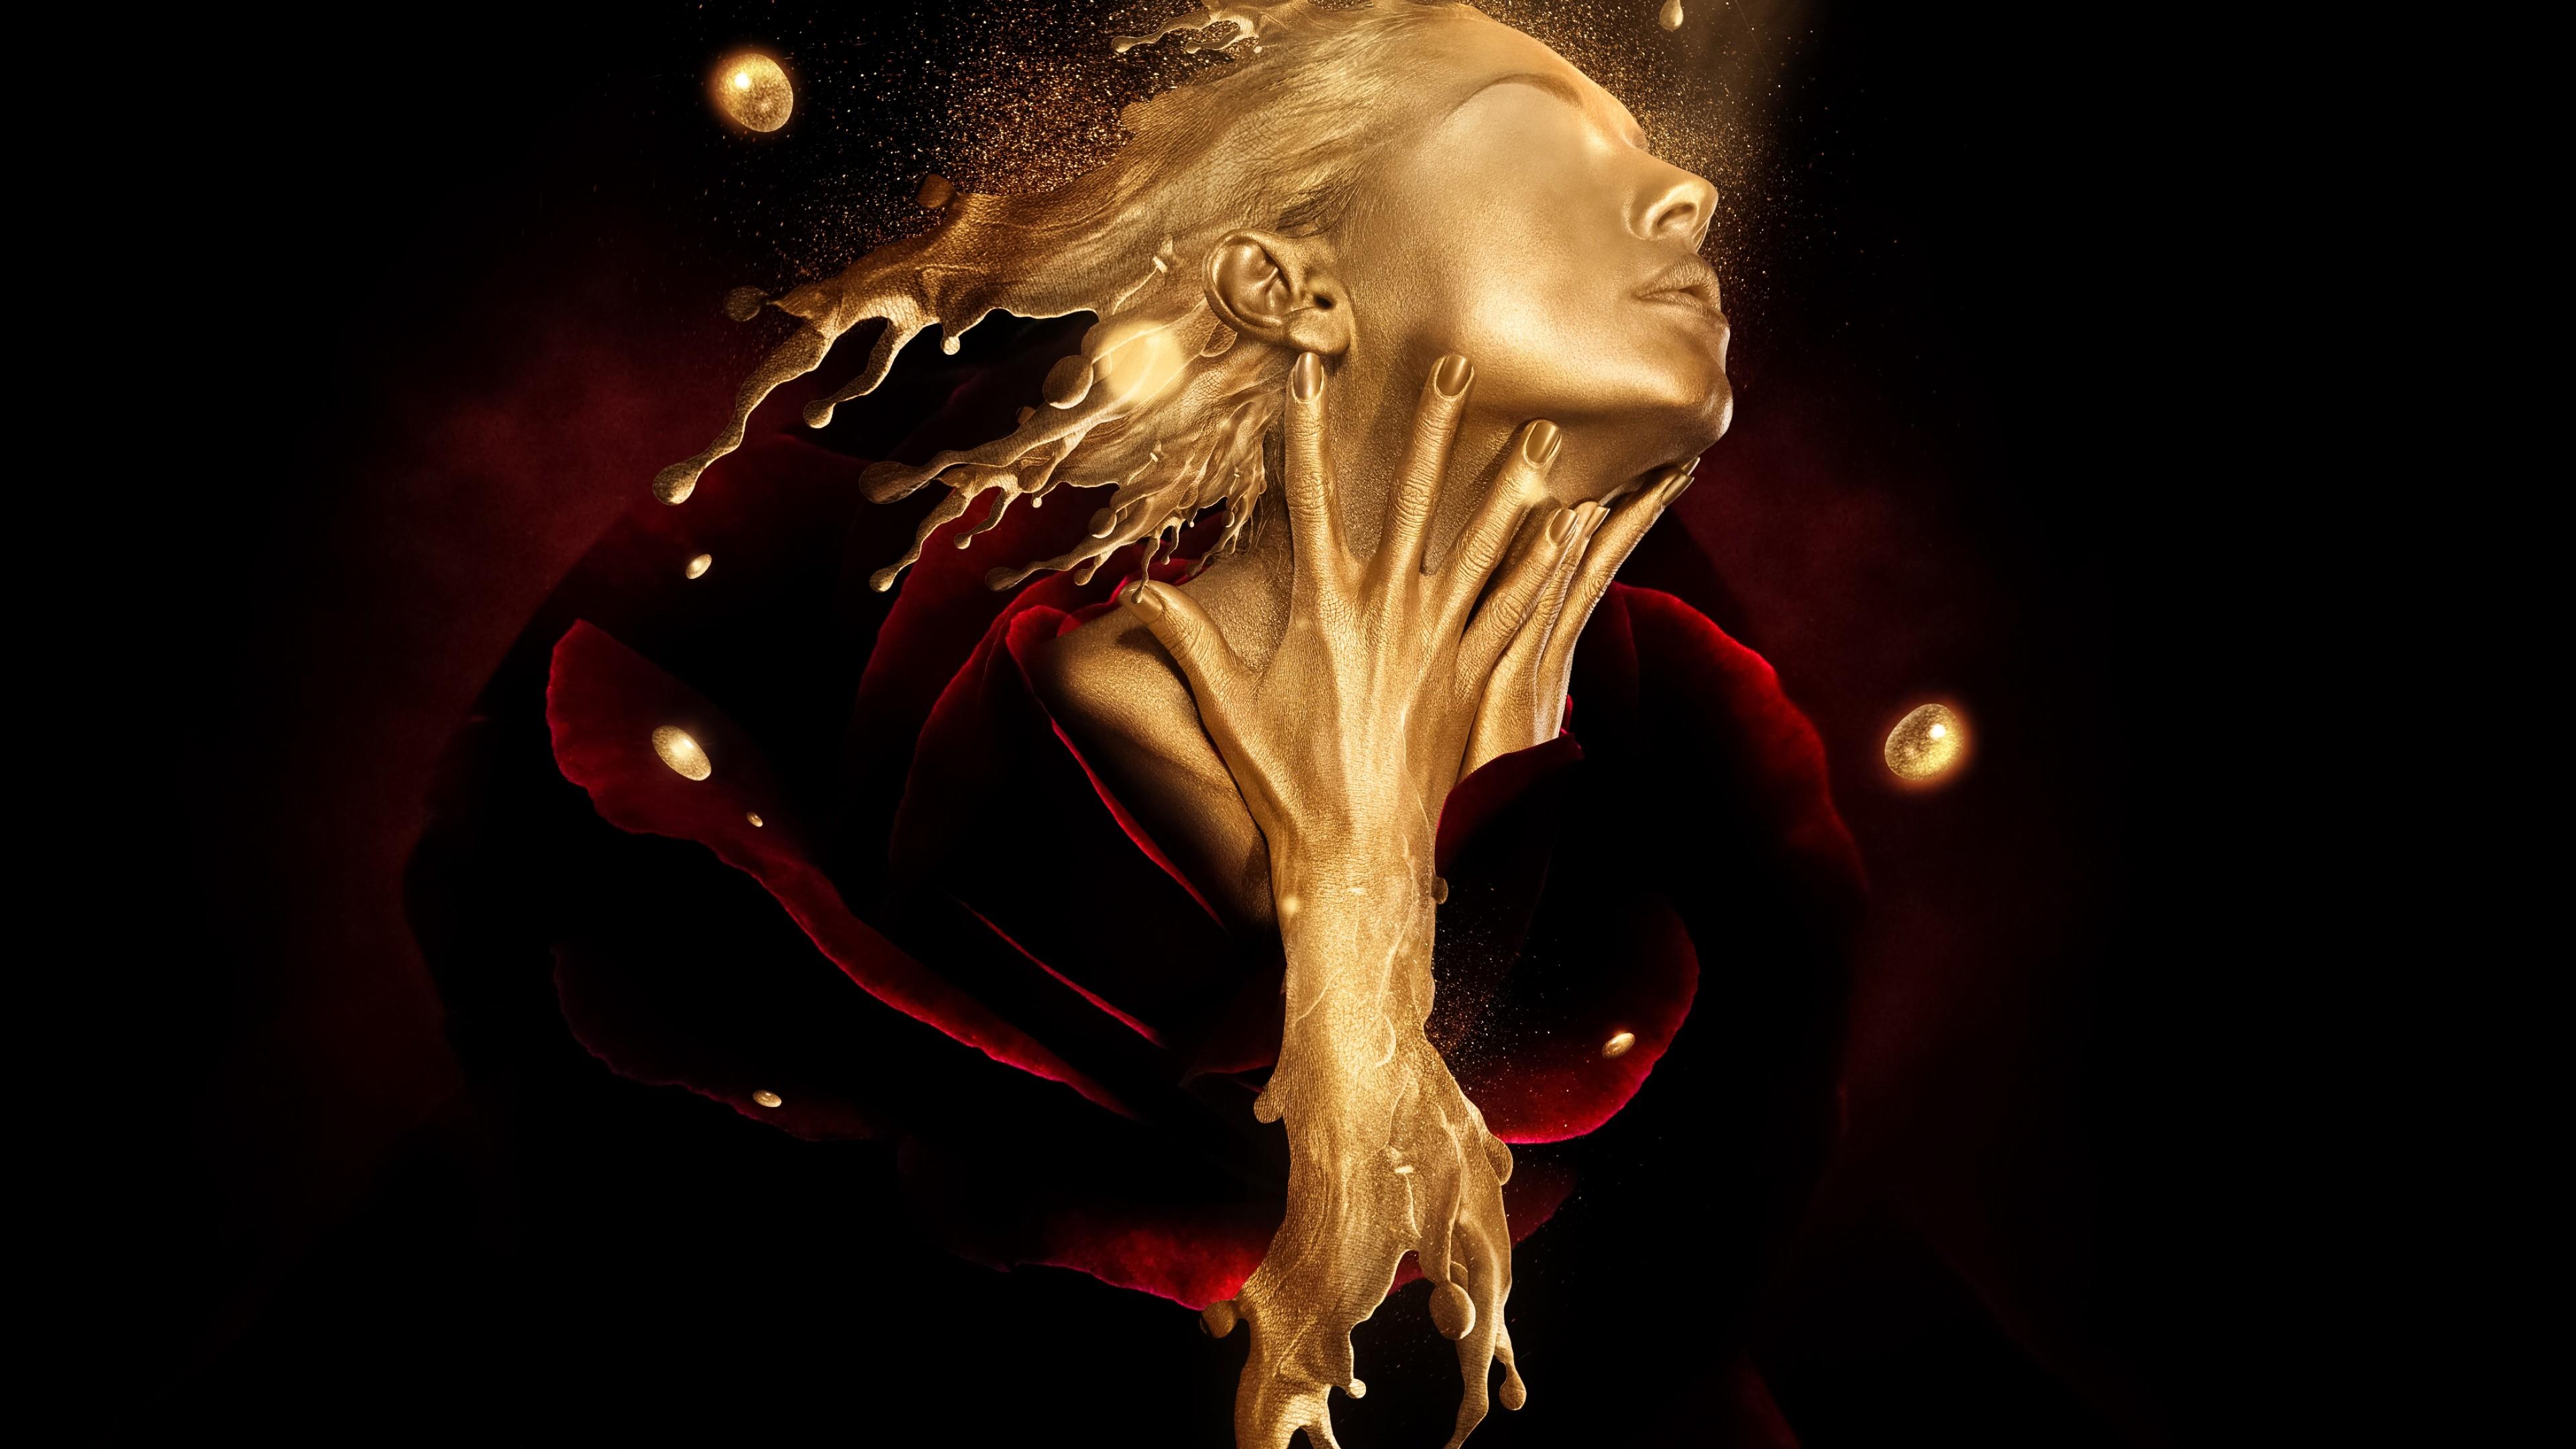 Золотое лицо и руки мечтательной девушки в  ночном небе золотого света